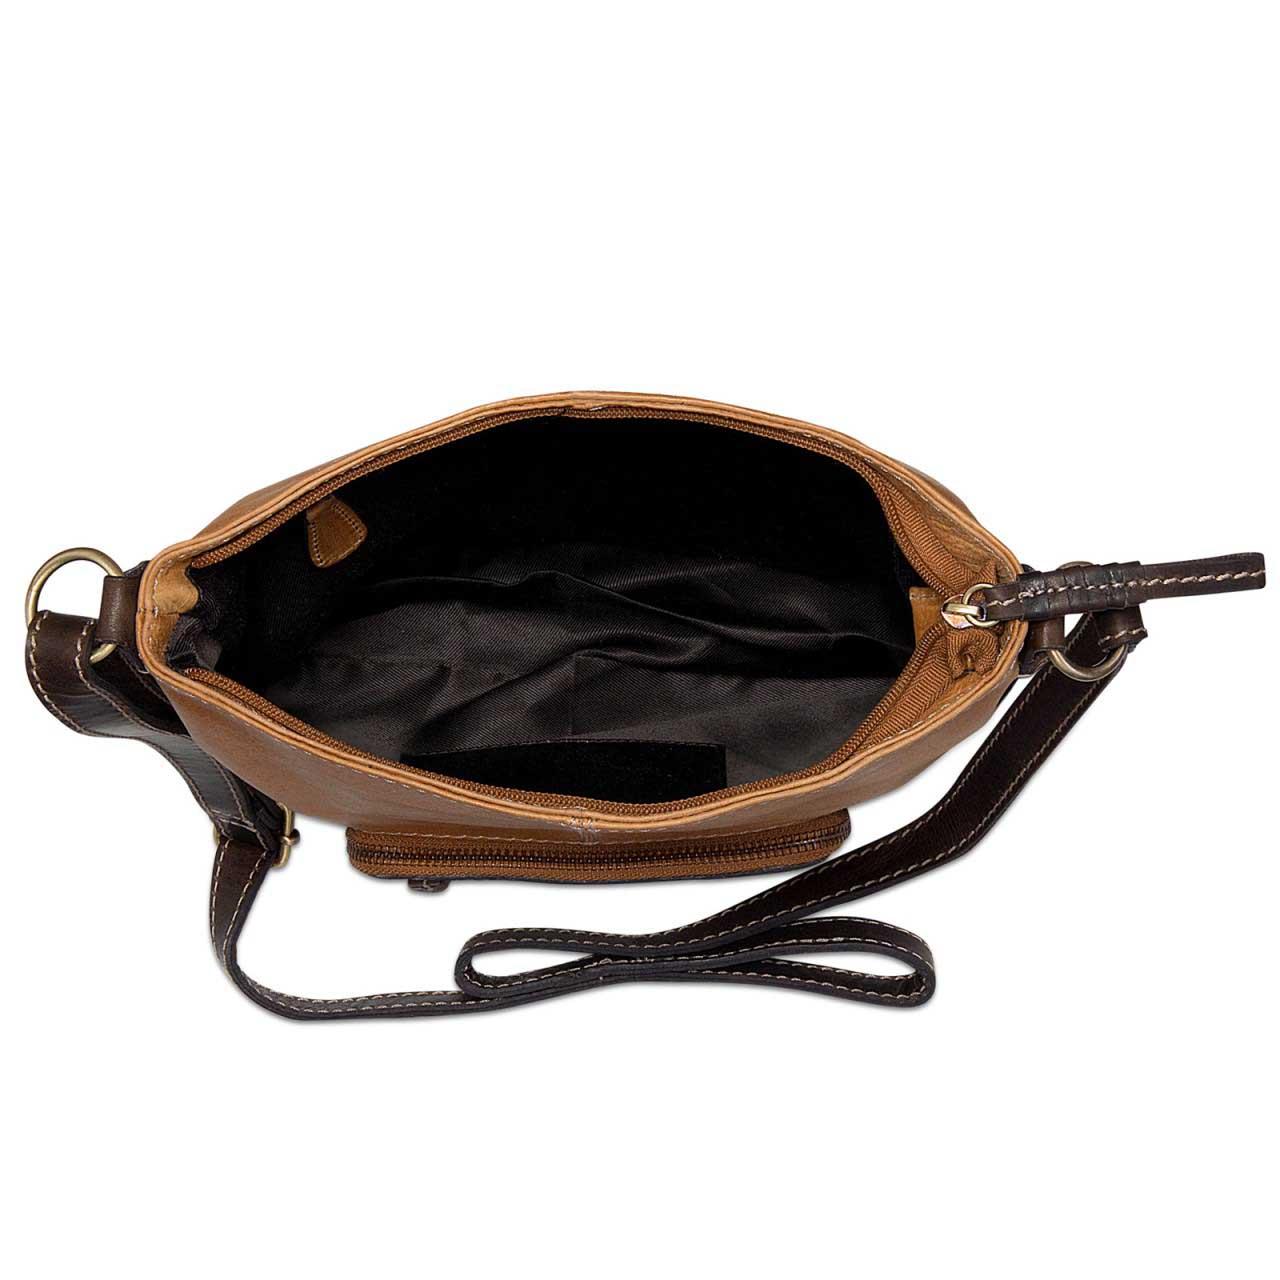 STILORD Damen Umhängetasche Leder klein Handtasche Schultertasche mit Schulterriemen echtes Büffelleder Damen hellbraun  - Bild 3